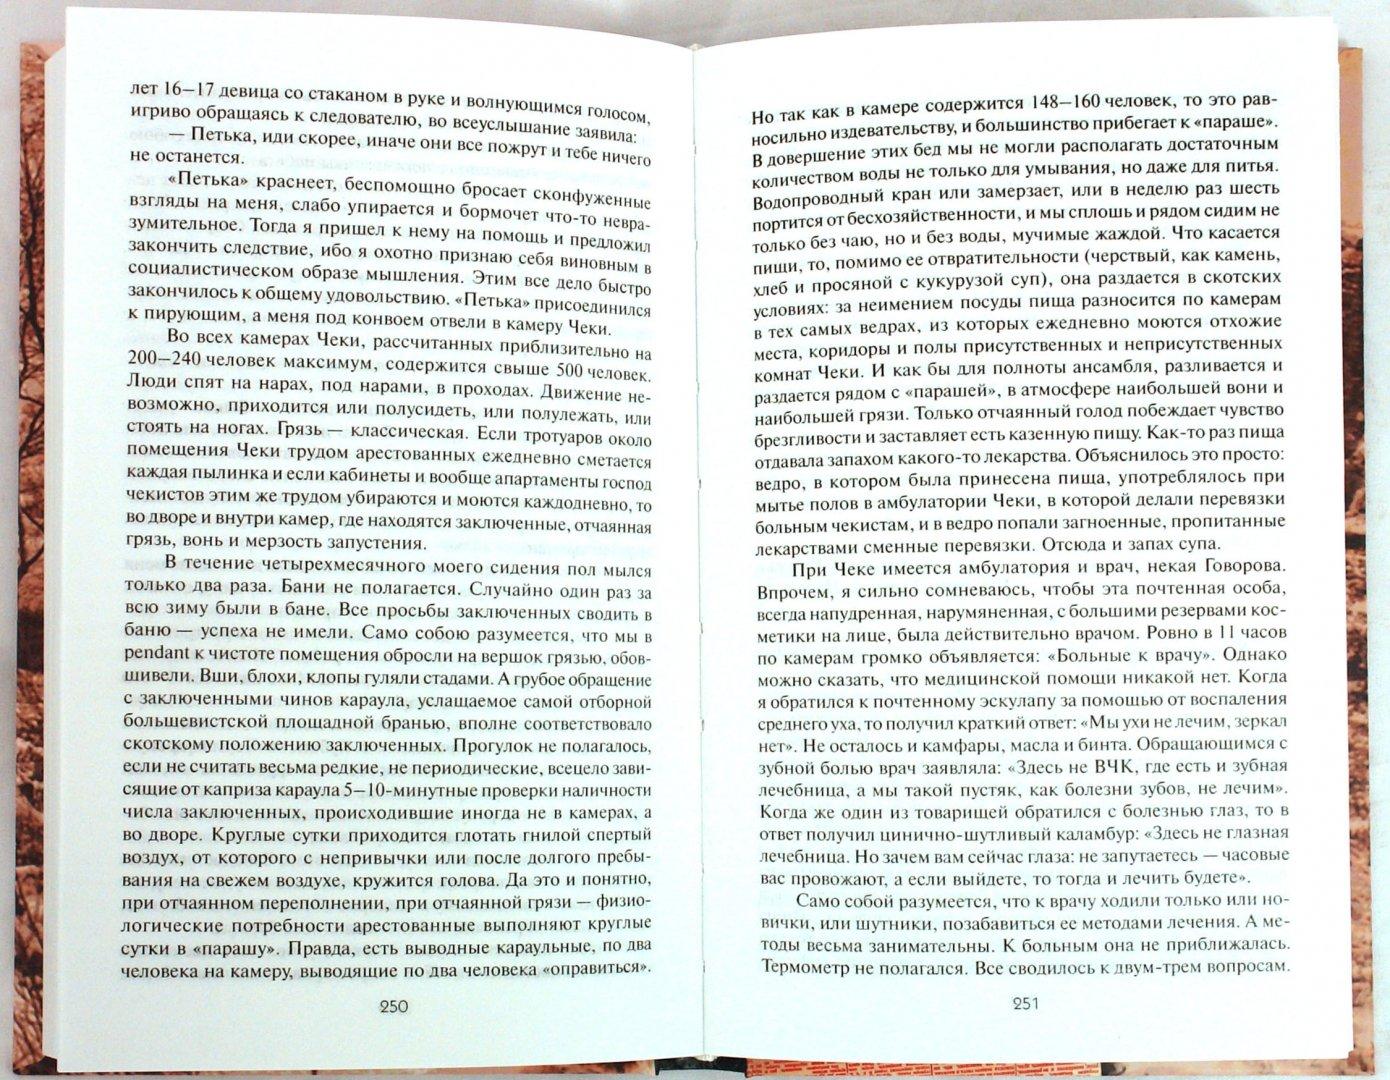 Иллюстрация 1 из 11 для Красный террор глазами очевидцев   Лабиринт - книги. Источник: Лабиринт